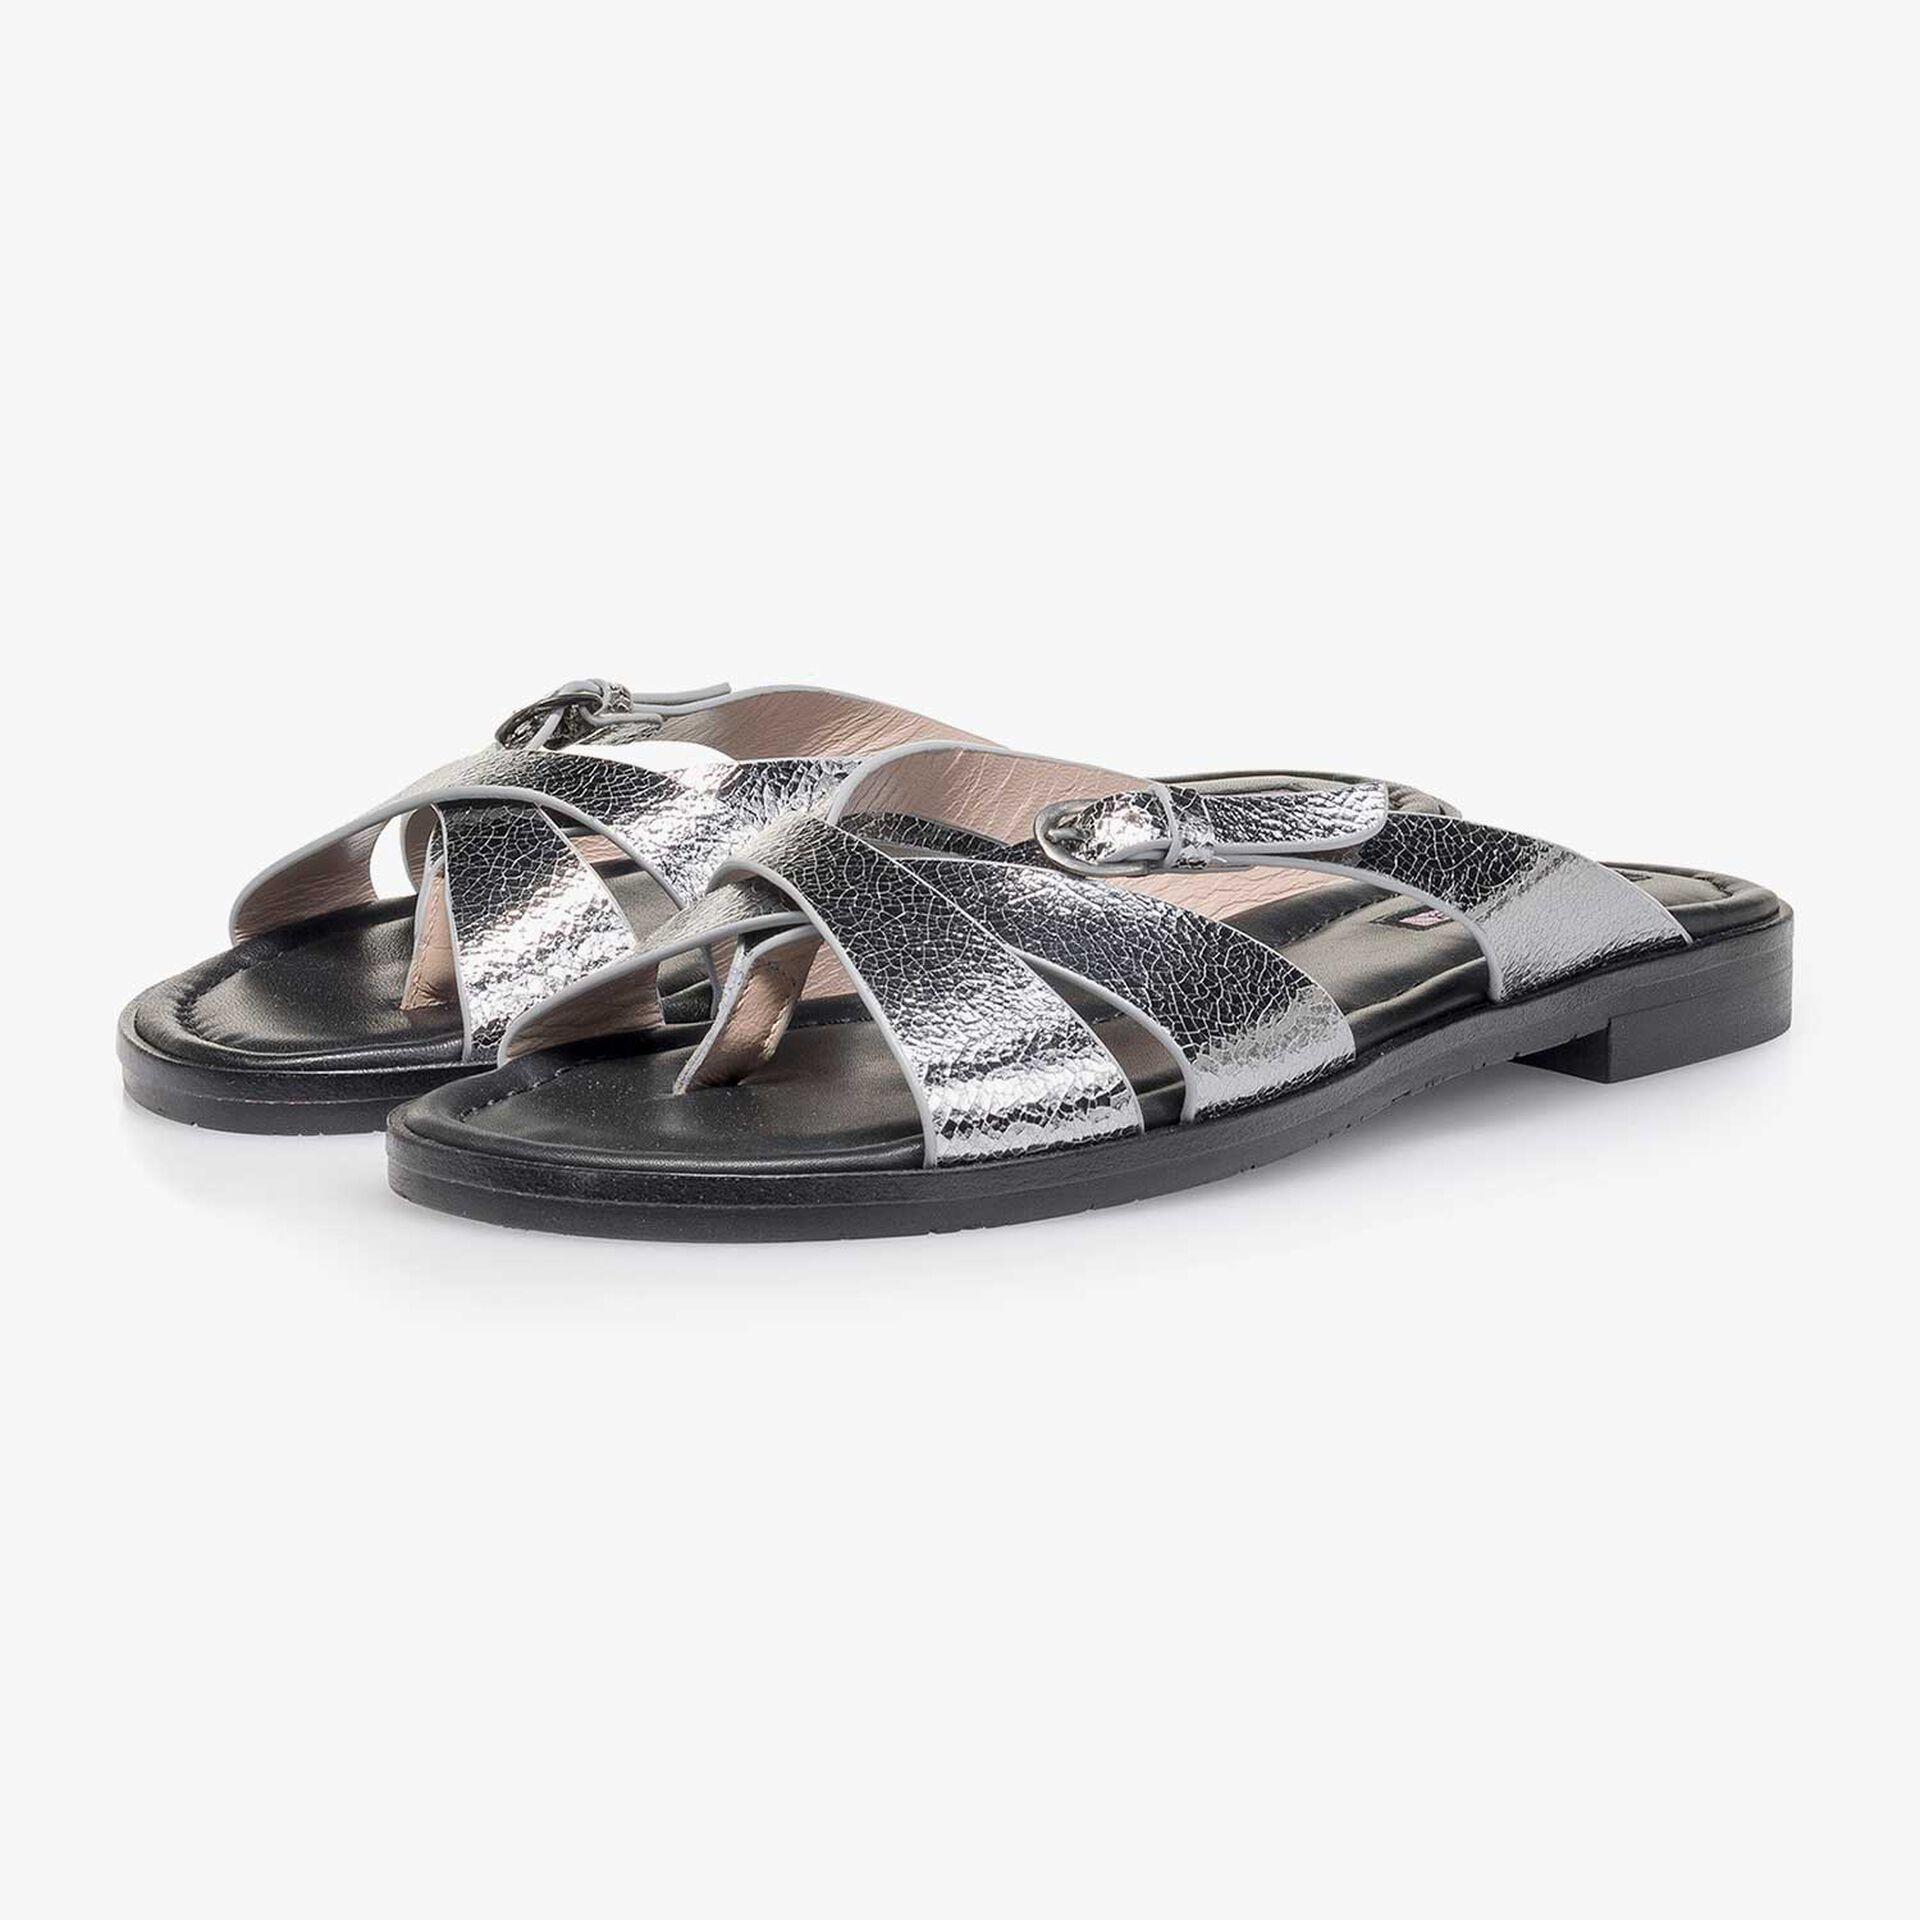 Silber Metallic Leder-Slipper mit Craquelé-Effekt